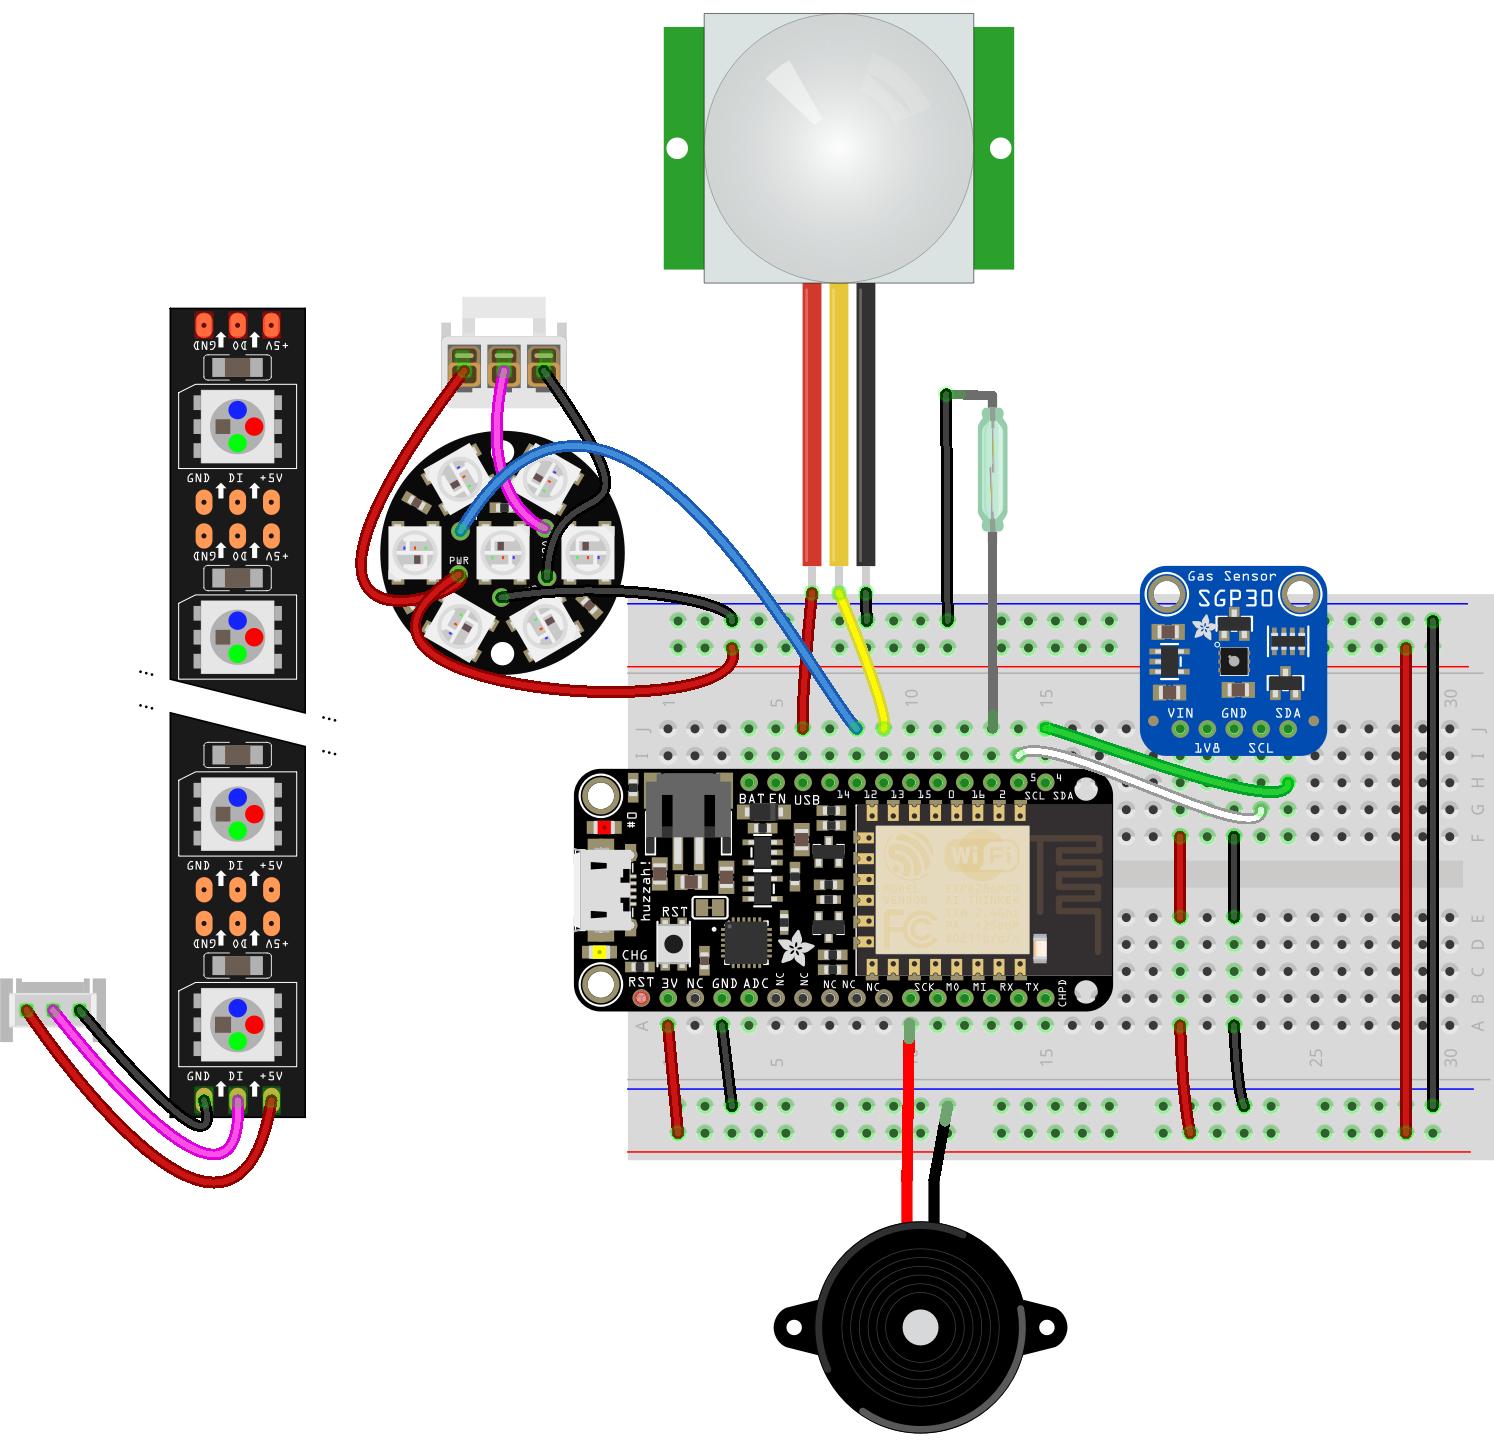 sensors_arduino-hero-wiring.png